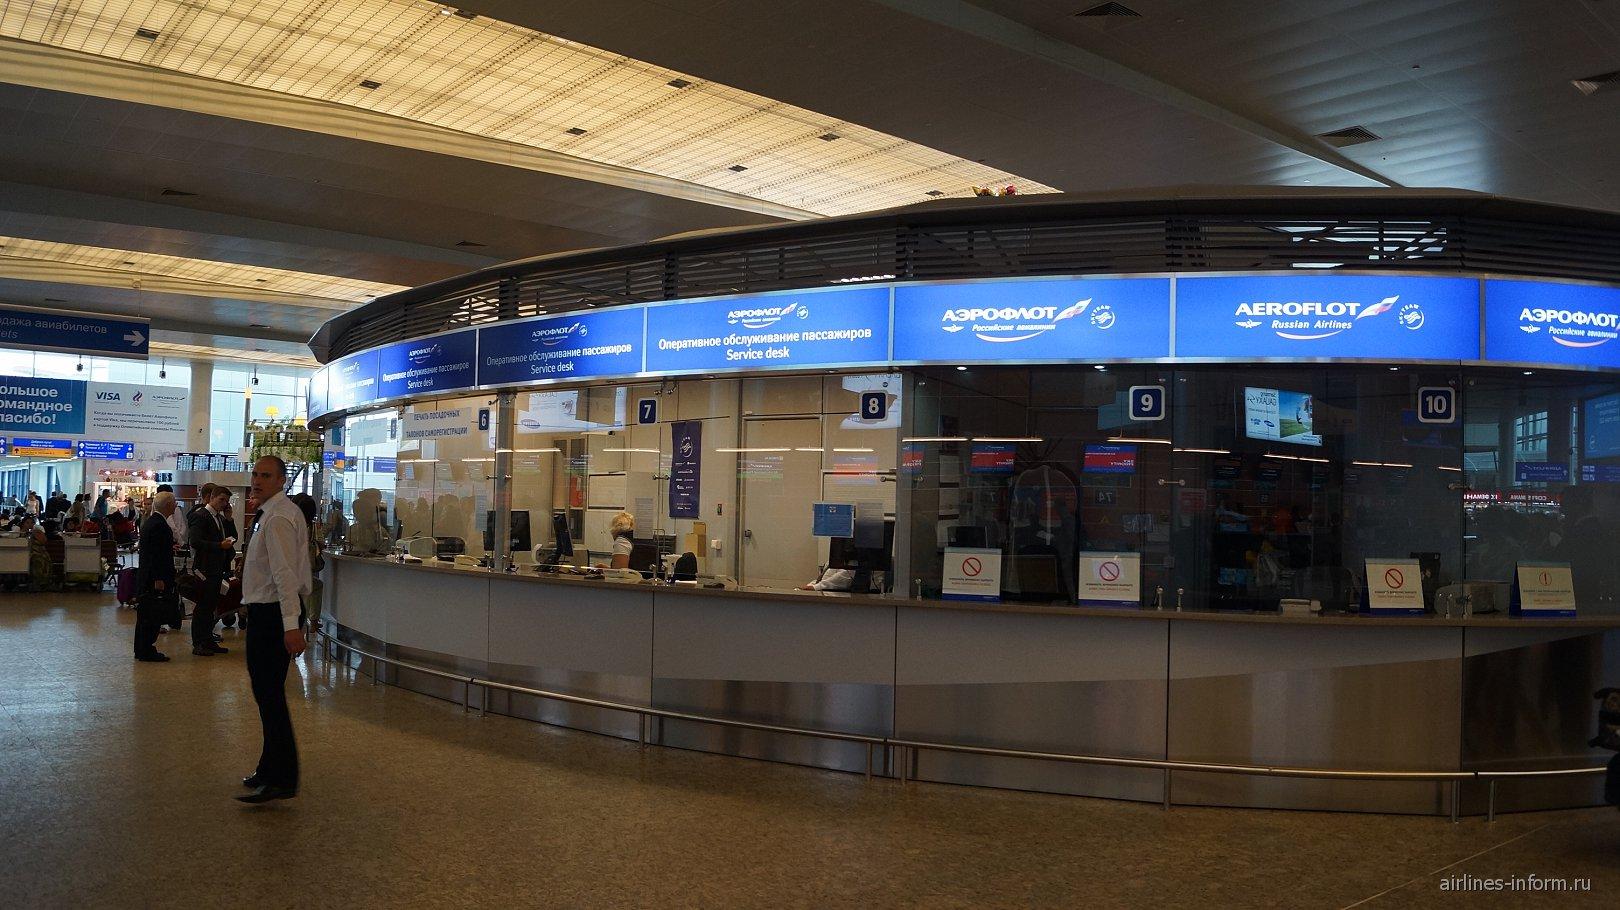 Представительство Аэрофлота в терминале D аэропорта Шереметьево